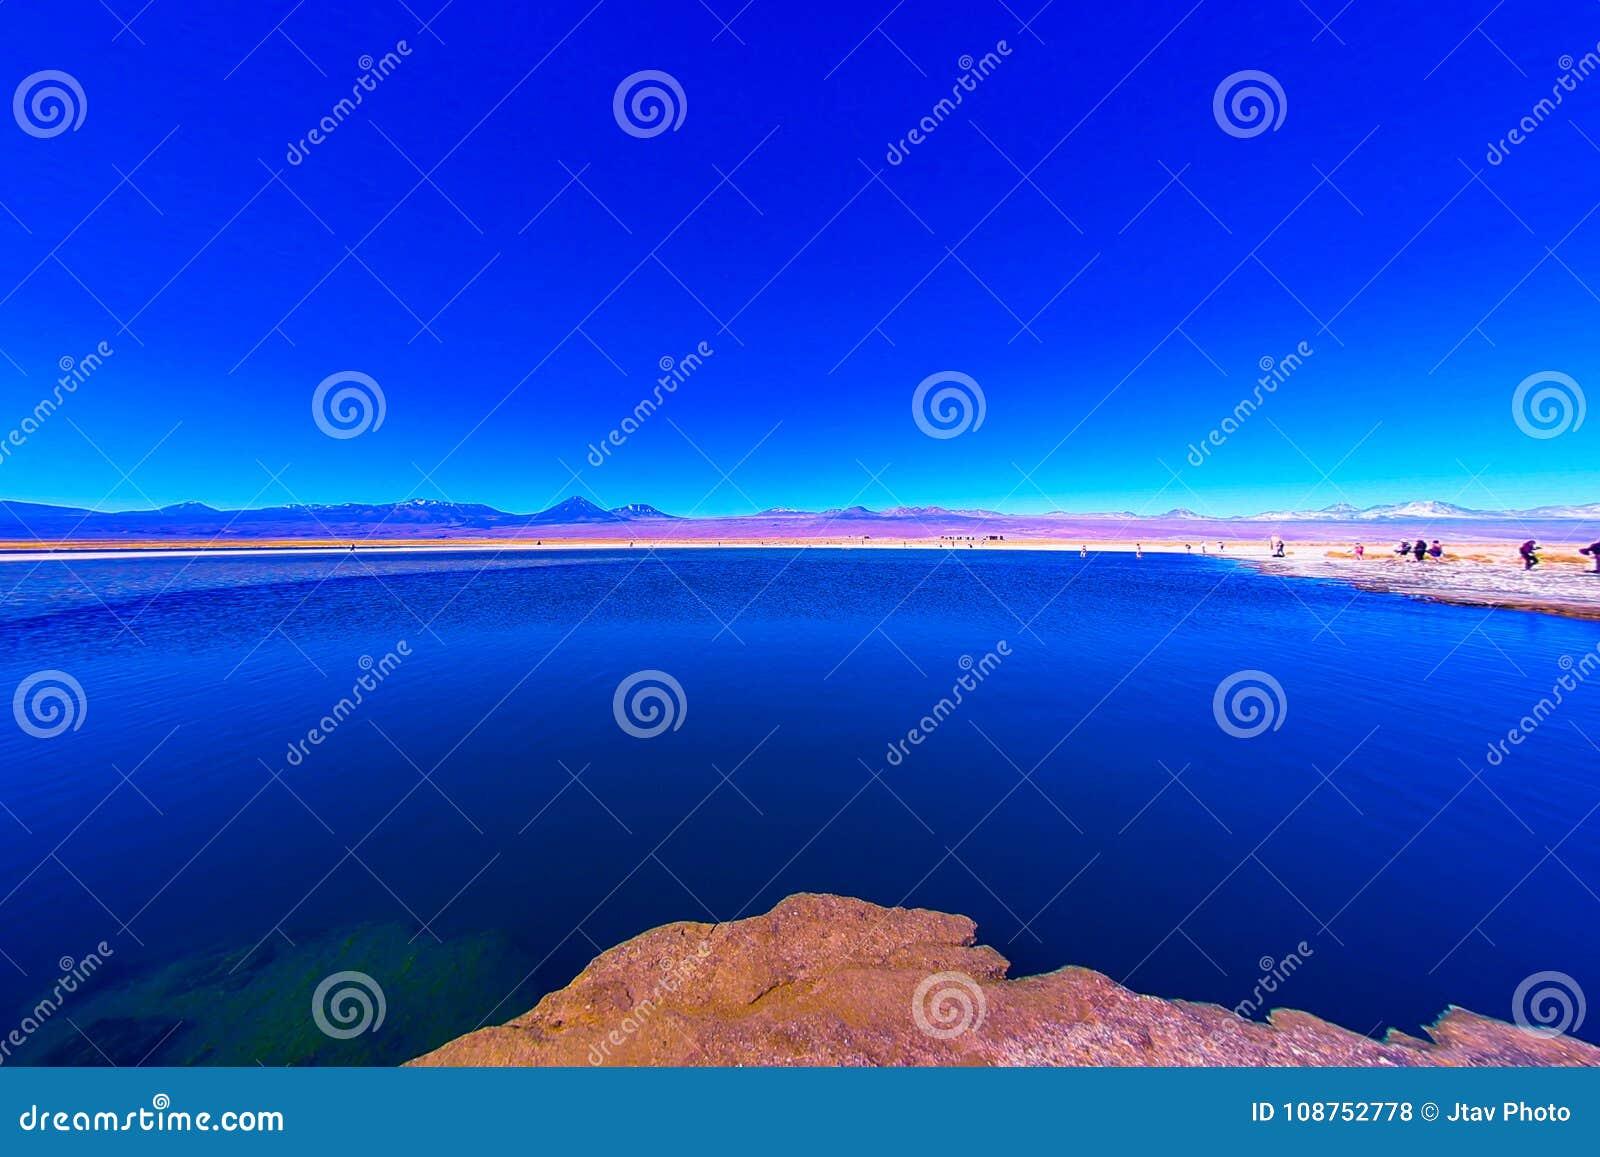 Cejar laguna cejar Laguna Cejar jezioro